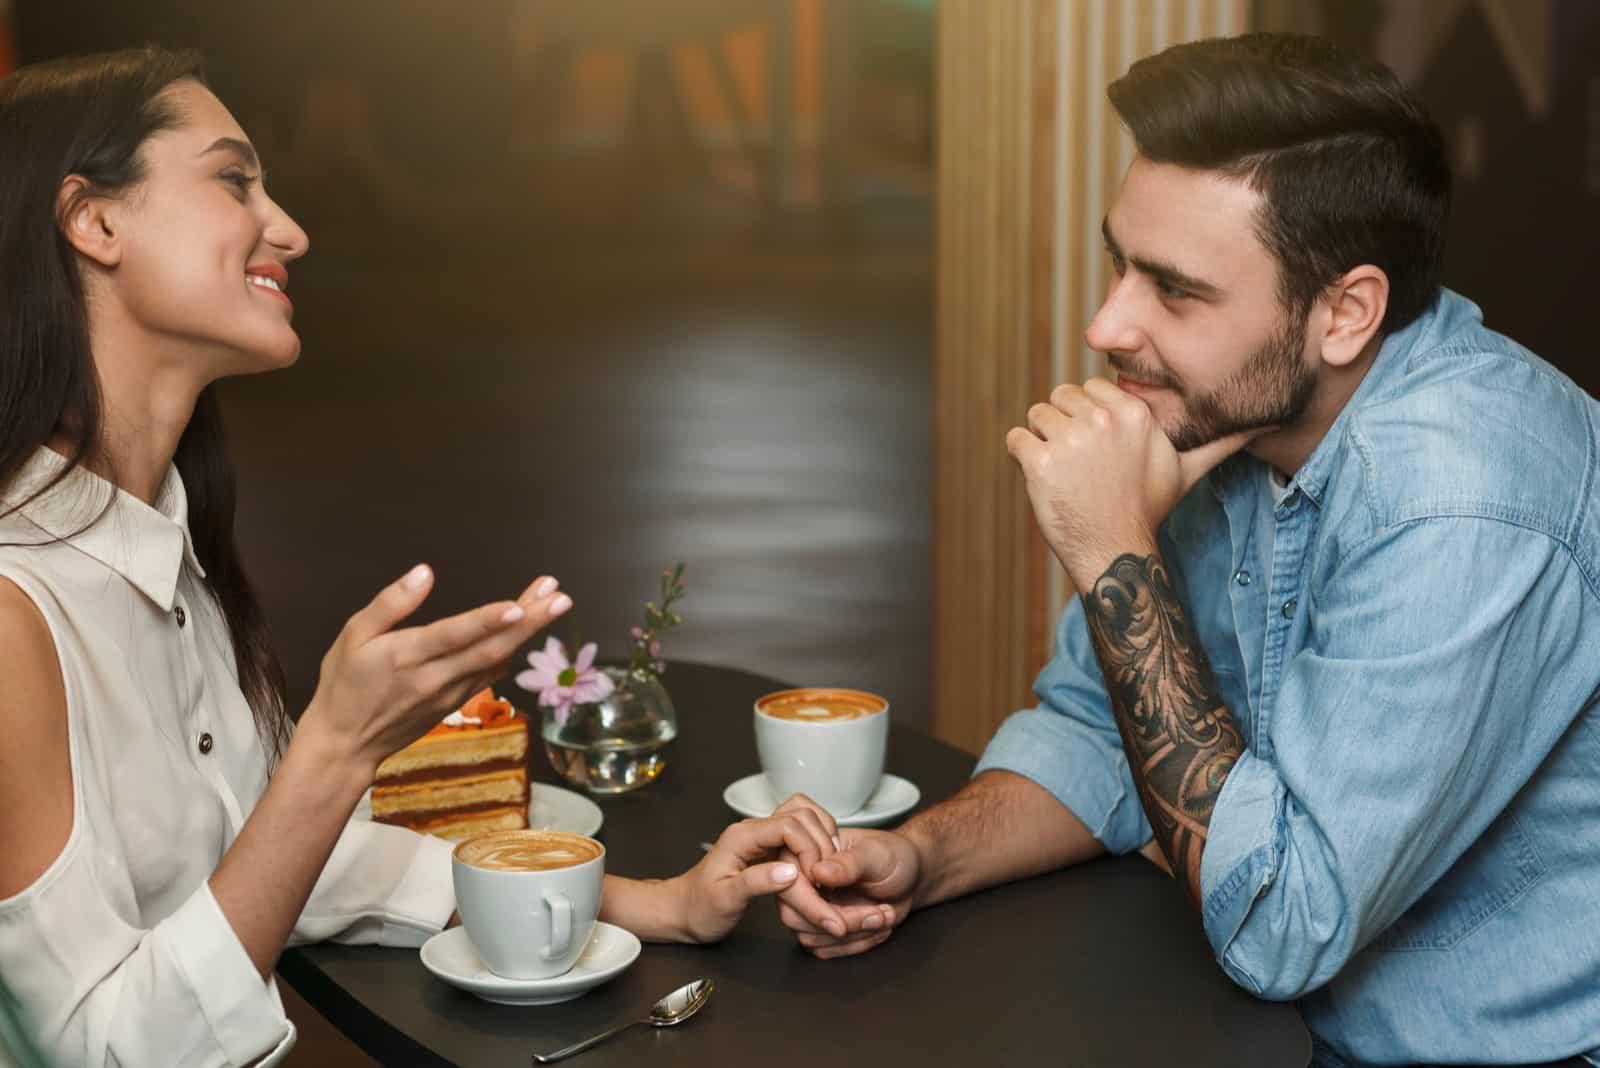 par dricker kaffe och pratar